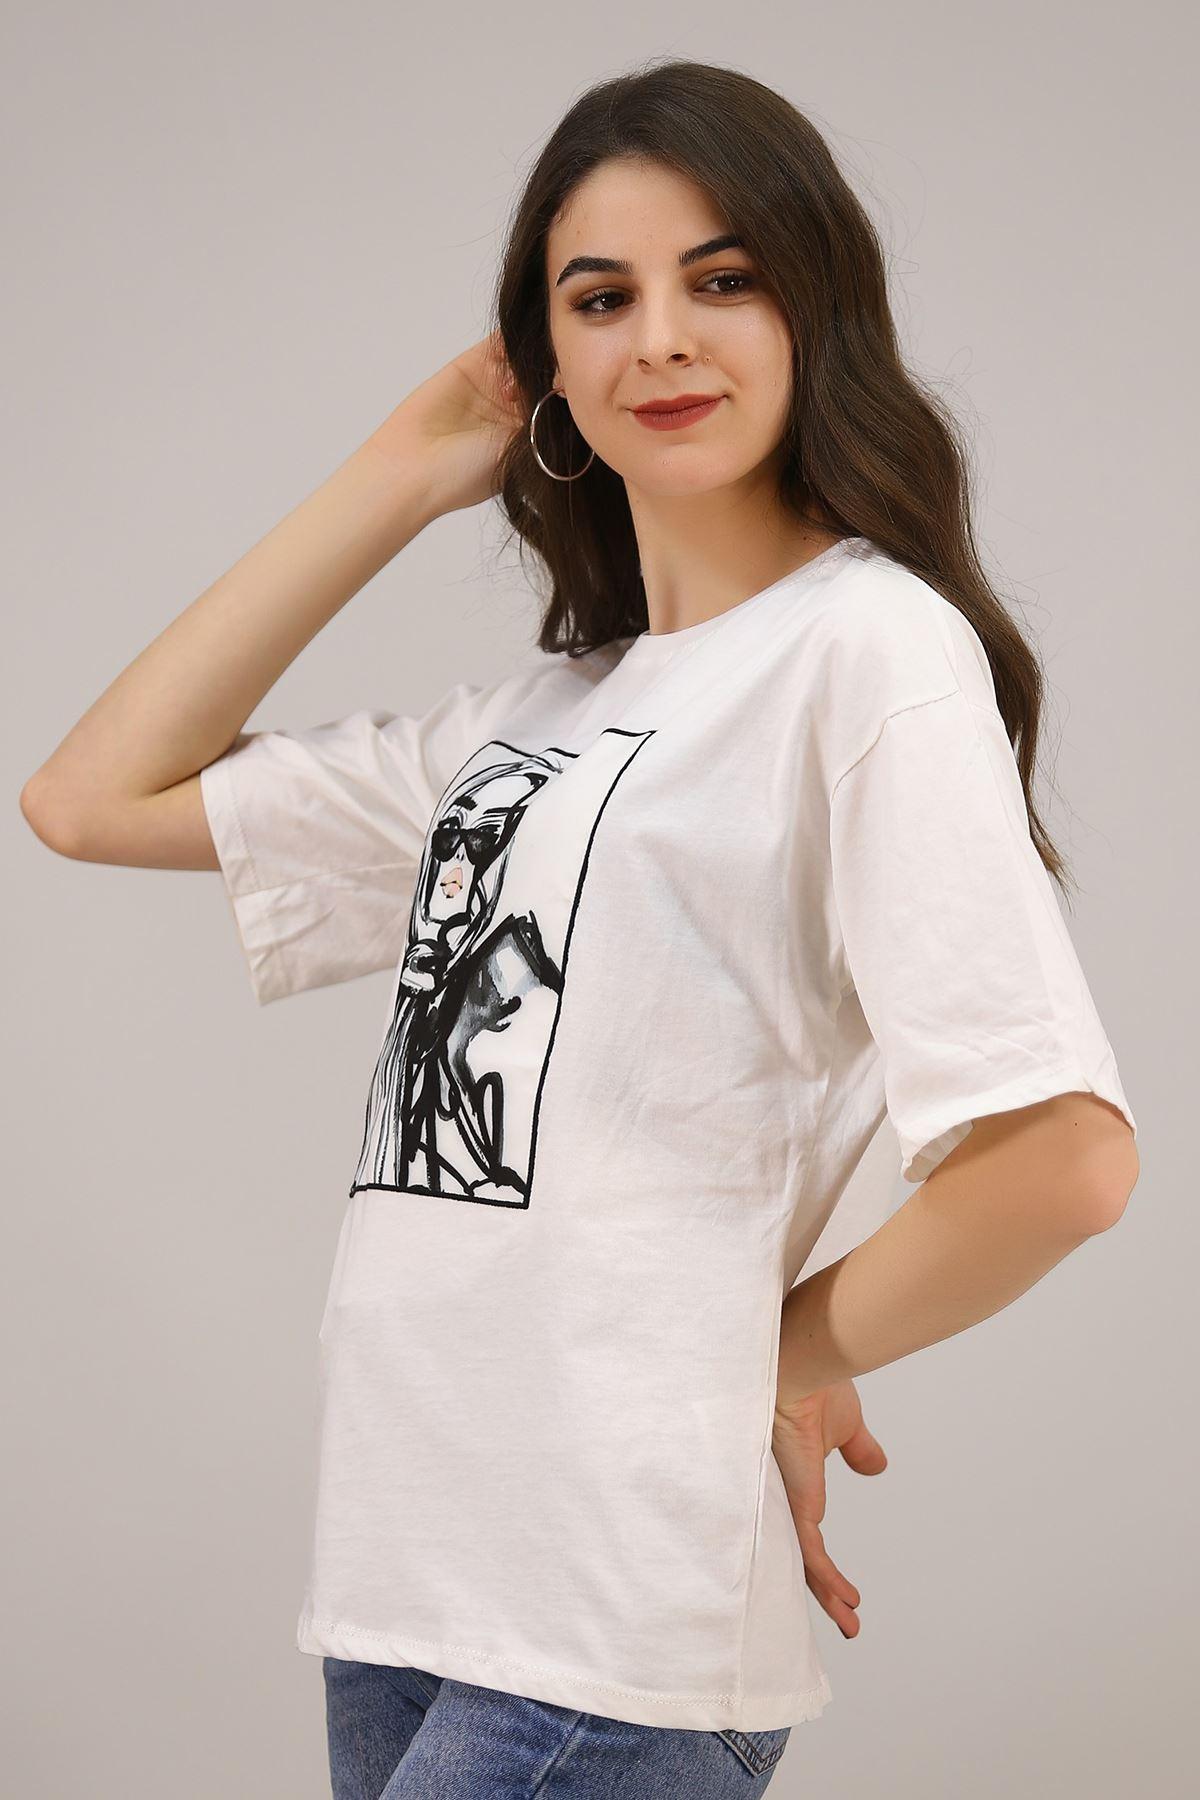 Kız Baskılı Tişört Beyaz - 3673.135.